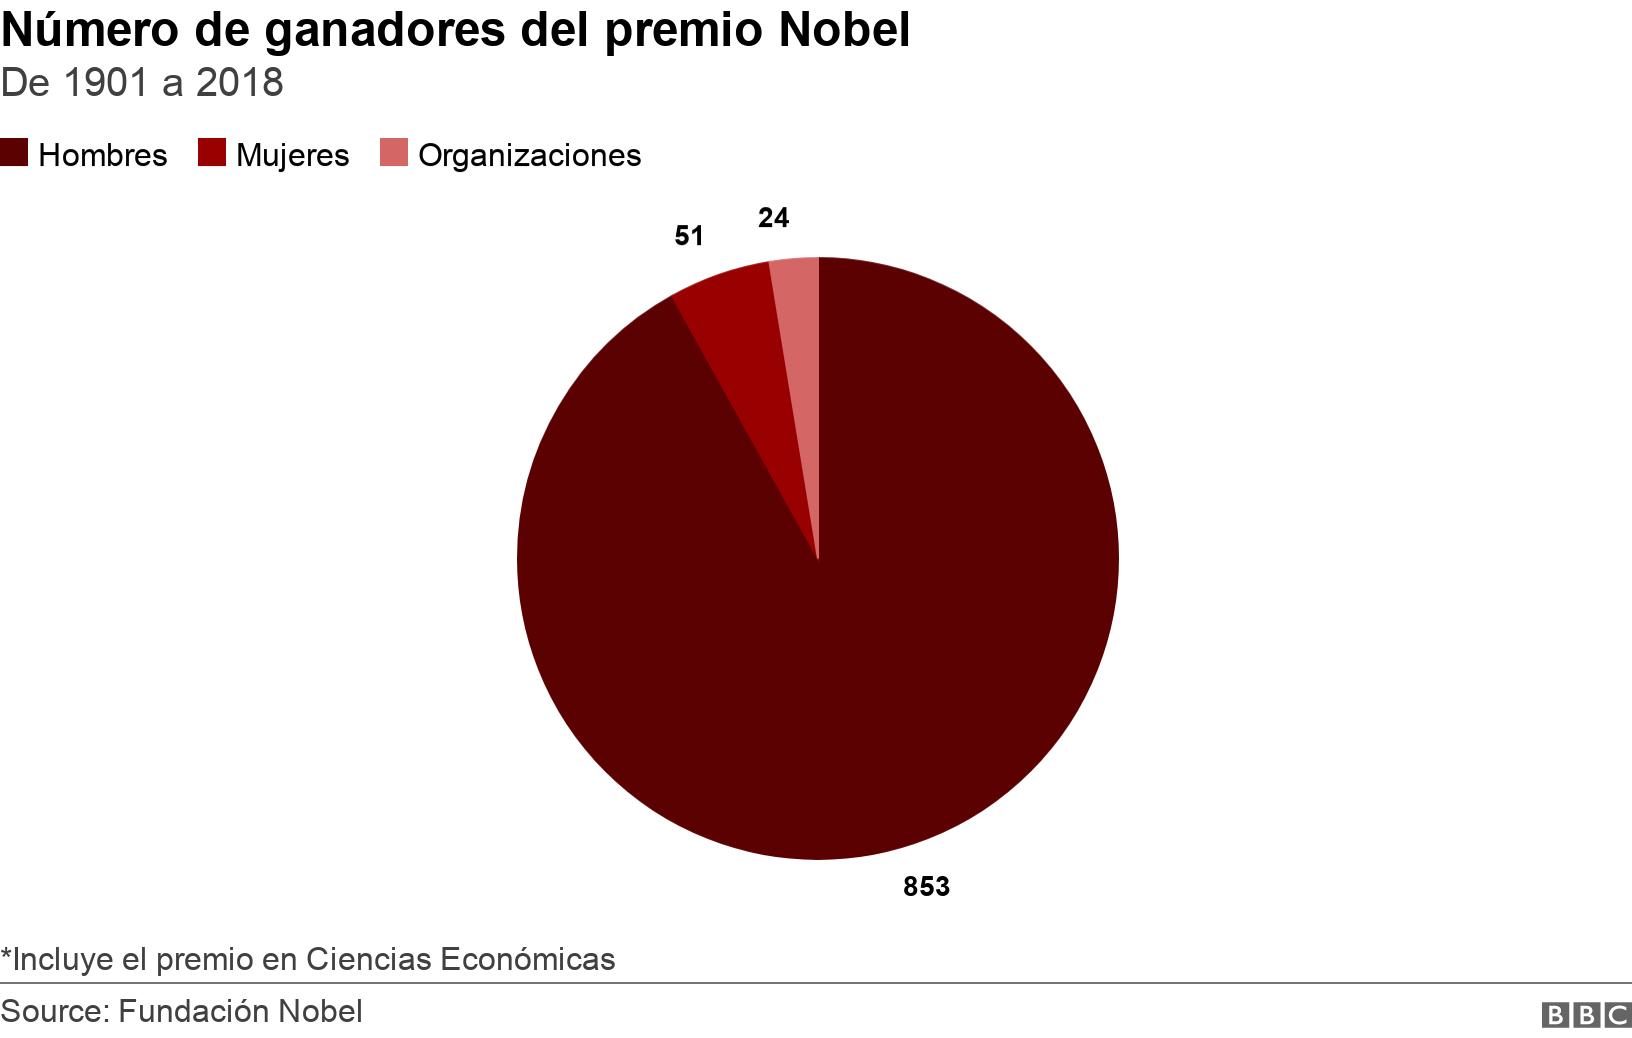 Número de ganadores del premio Nobel. De 1901 a 2018.  *Incluye el premio en Ciencias Económicas.